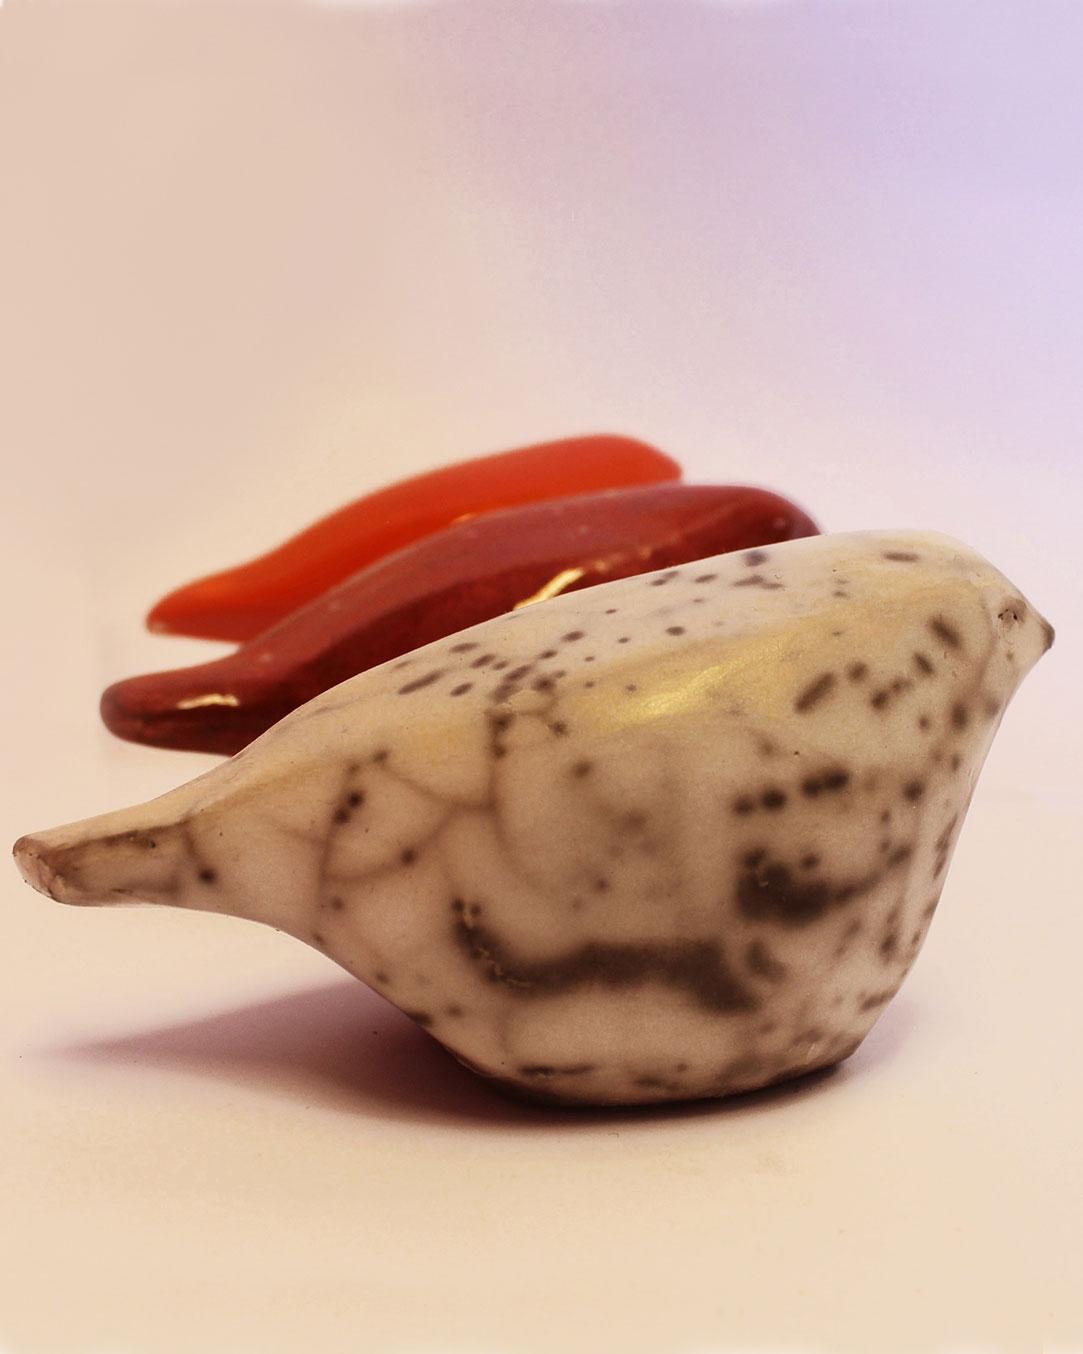 poterie-les-ateliers-du-prunier-g-piel-web-224015-224692